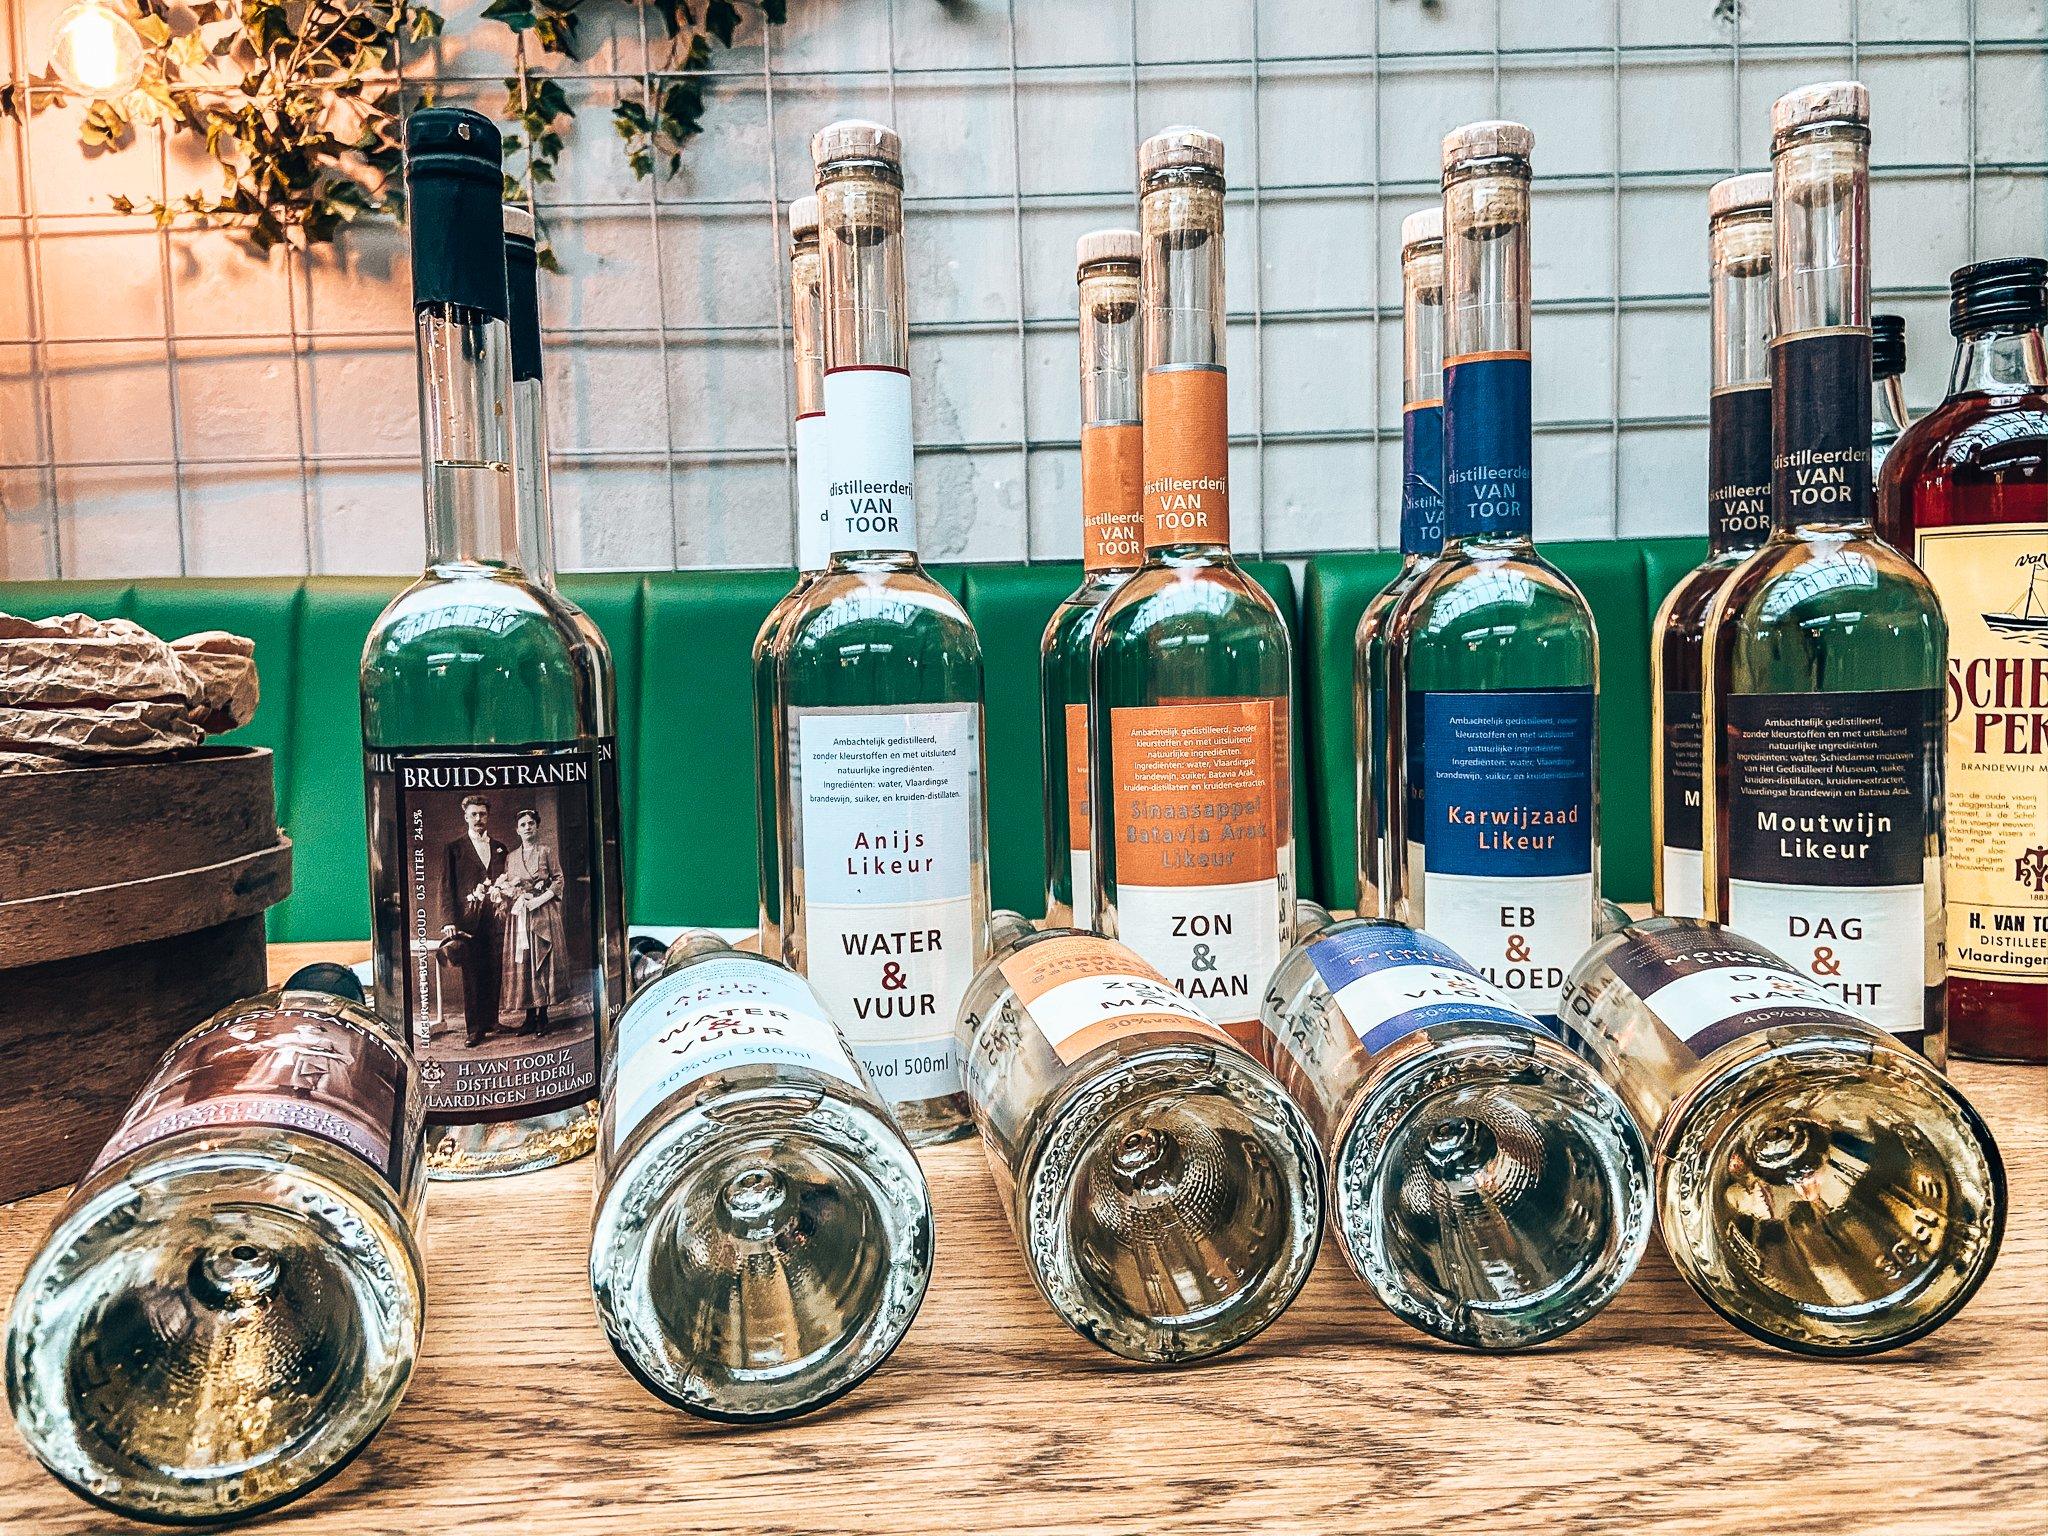 De bijzondere likeuren van Distilleerderij Van Toor, Binnenlands Gedistilleerd, Alles over gin.